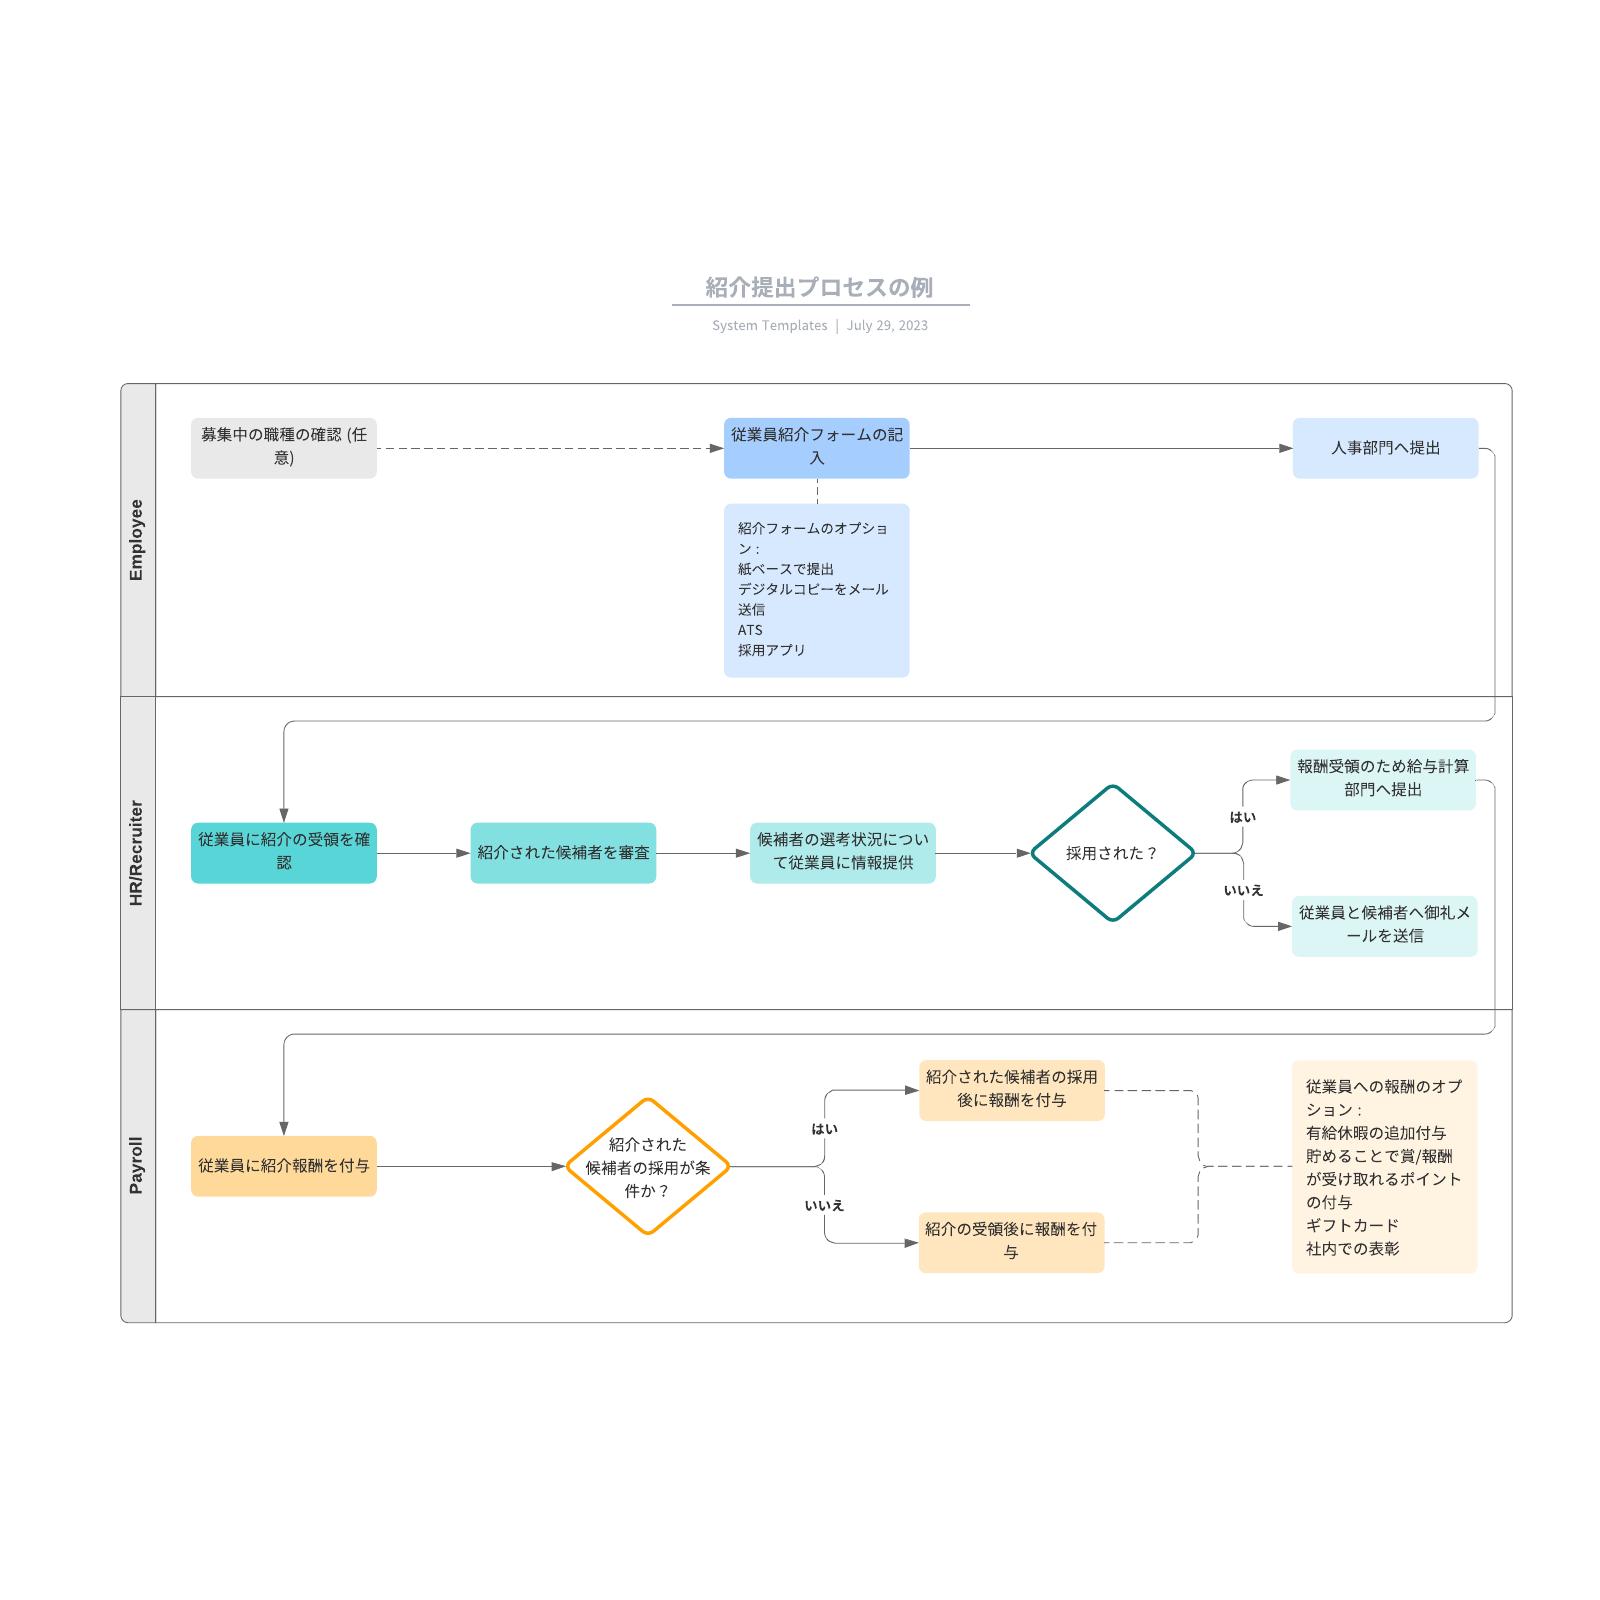 人事紹介提出プロセスの例フローチャート